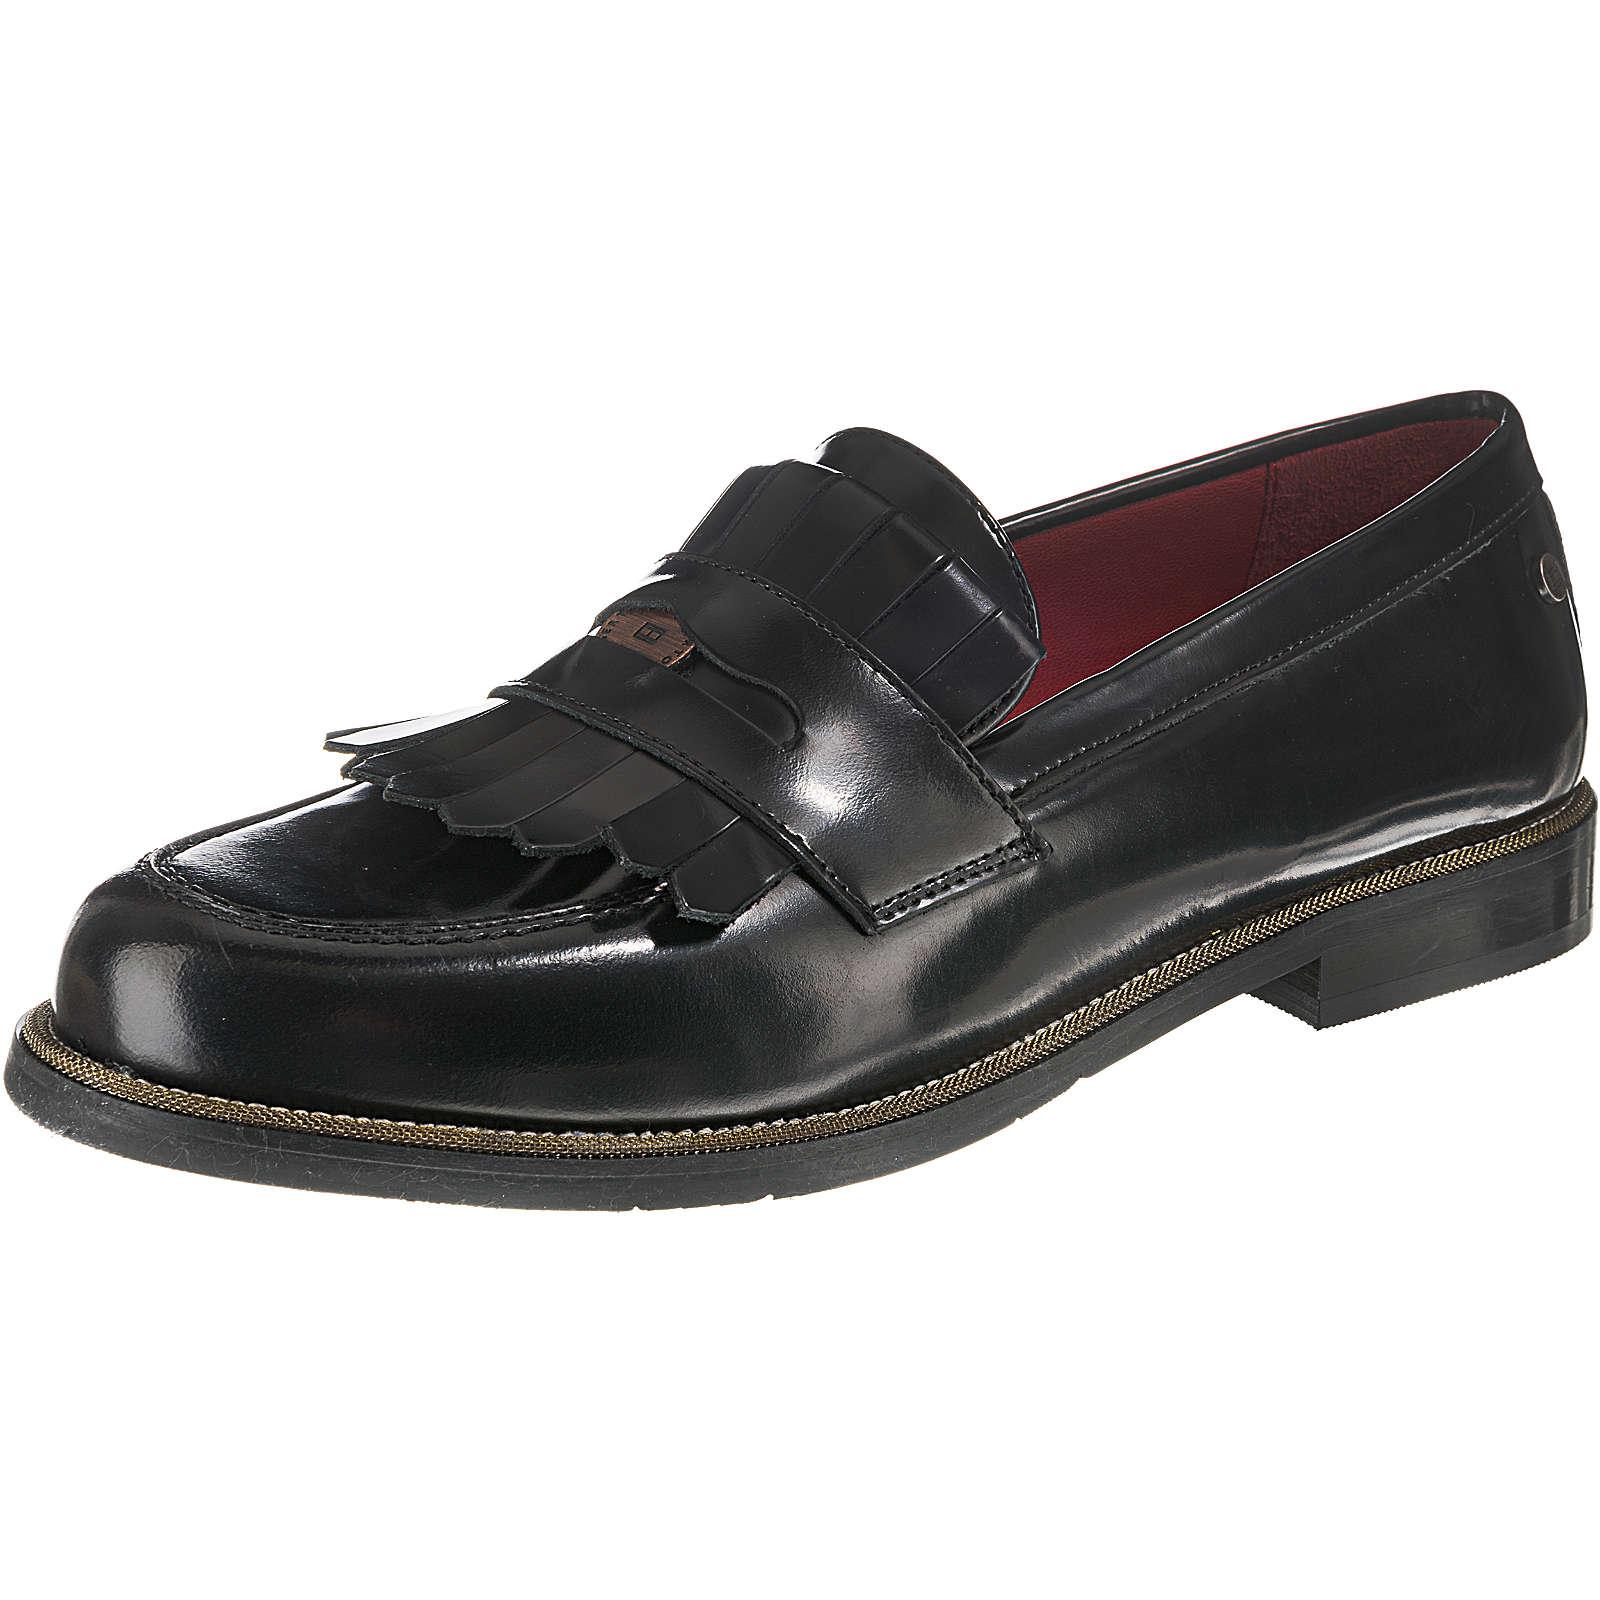 TOMMY HILFIGER PENNY BAR LOAFER Loafers schwarz Damen Gr. 37